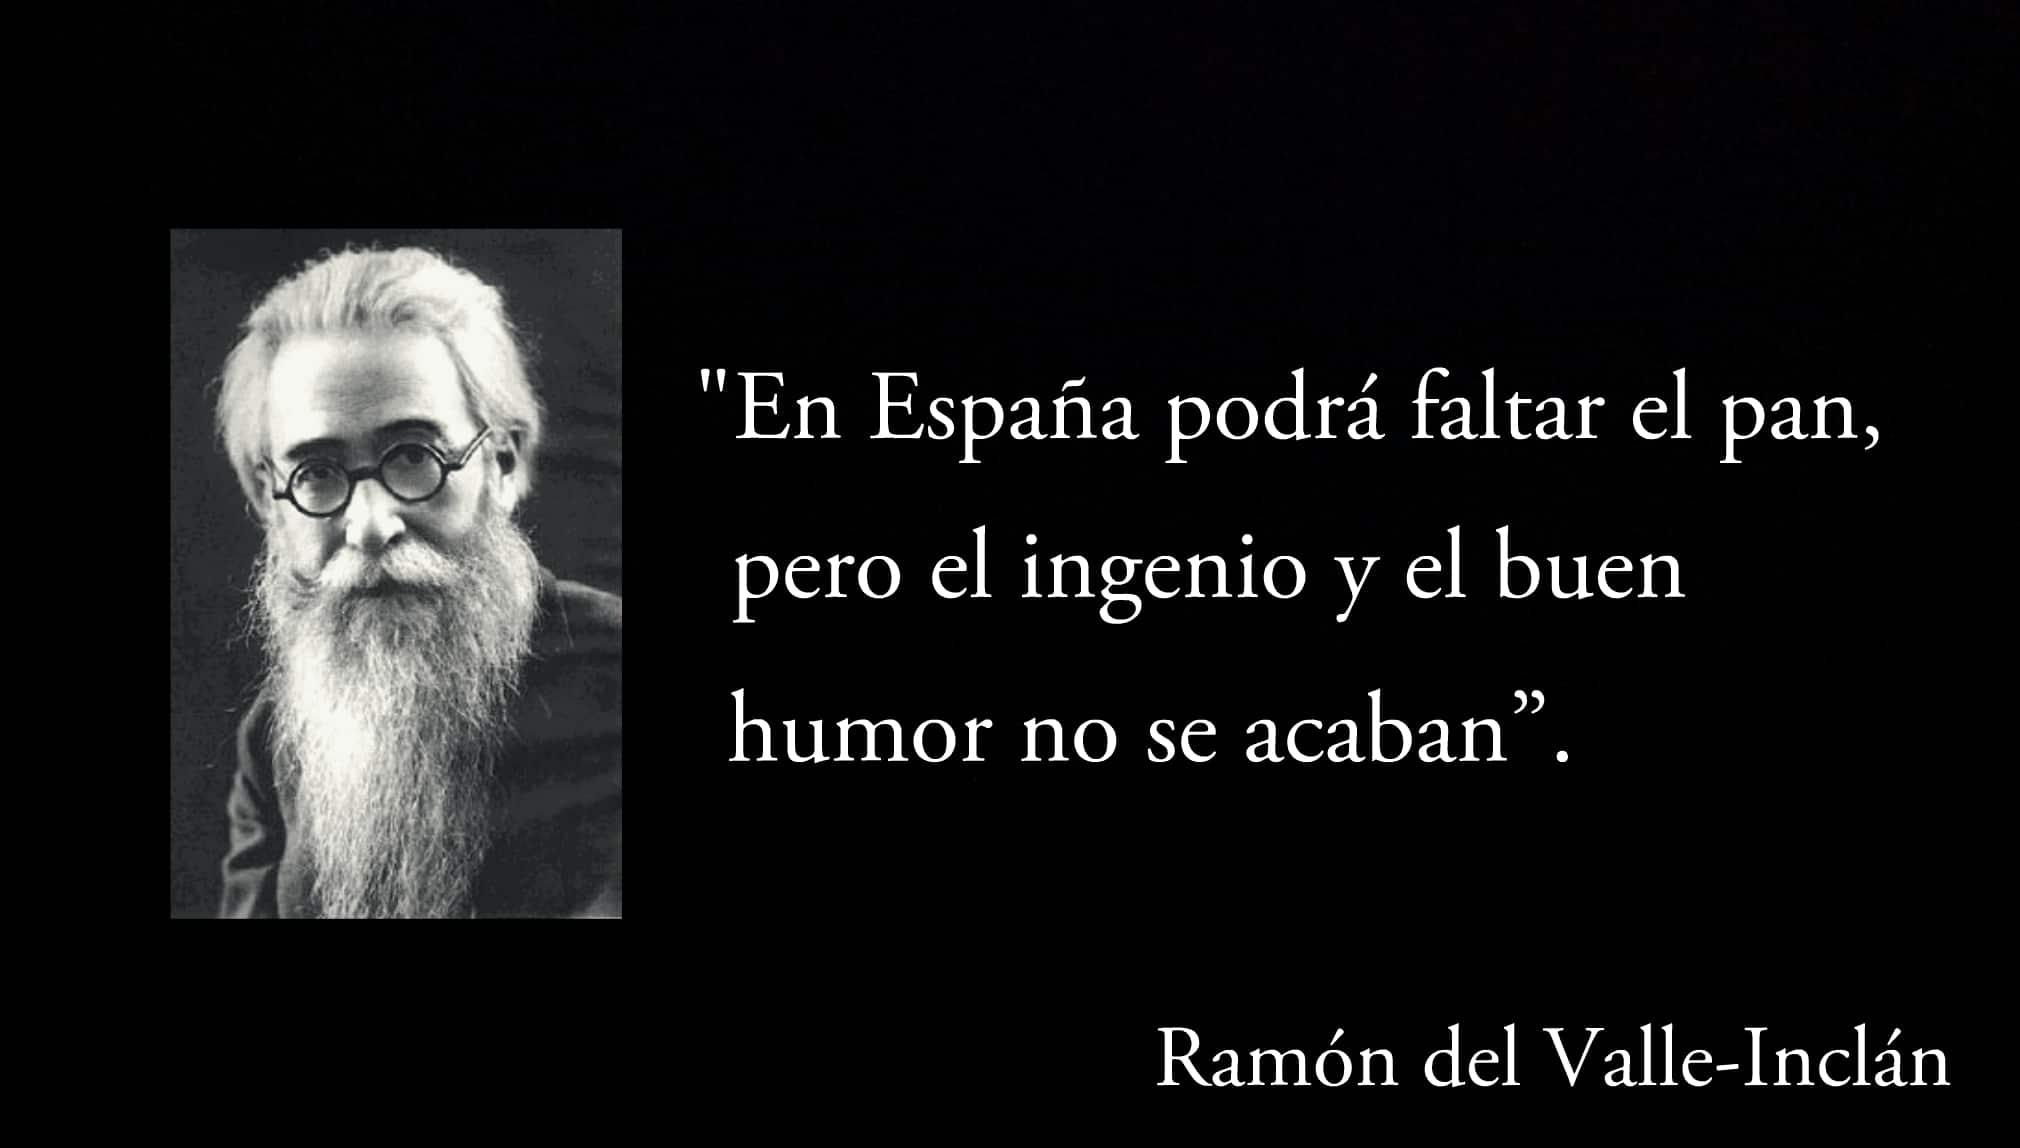 Frase de Ramón del Valle-Inclán.